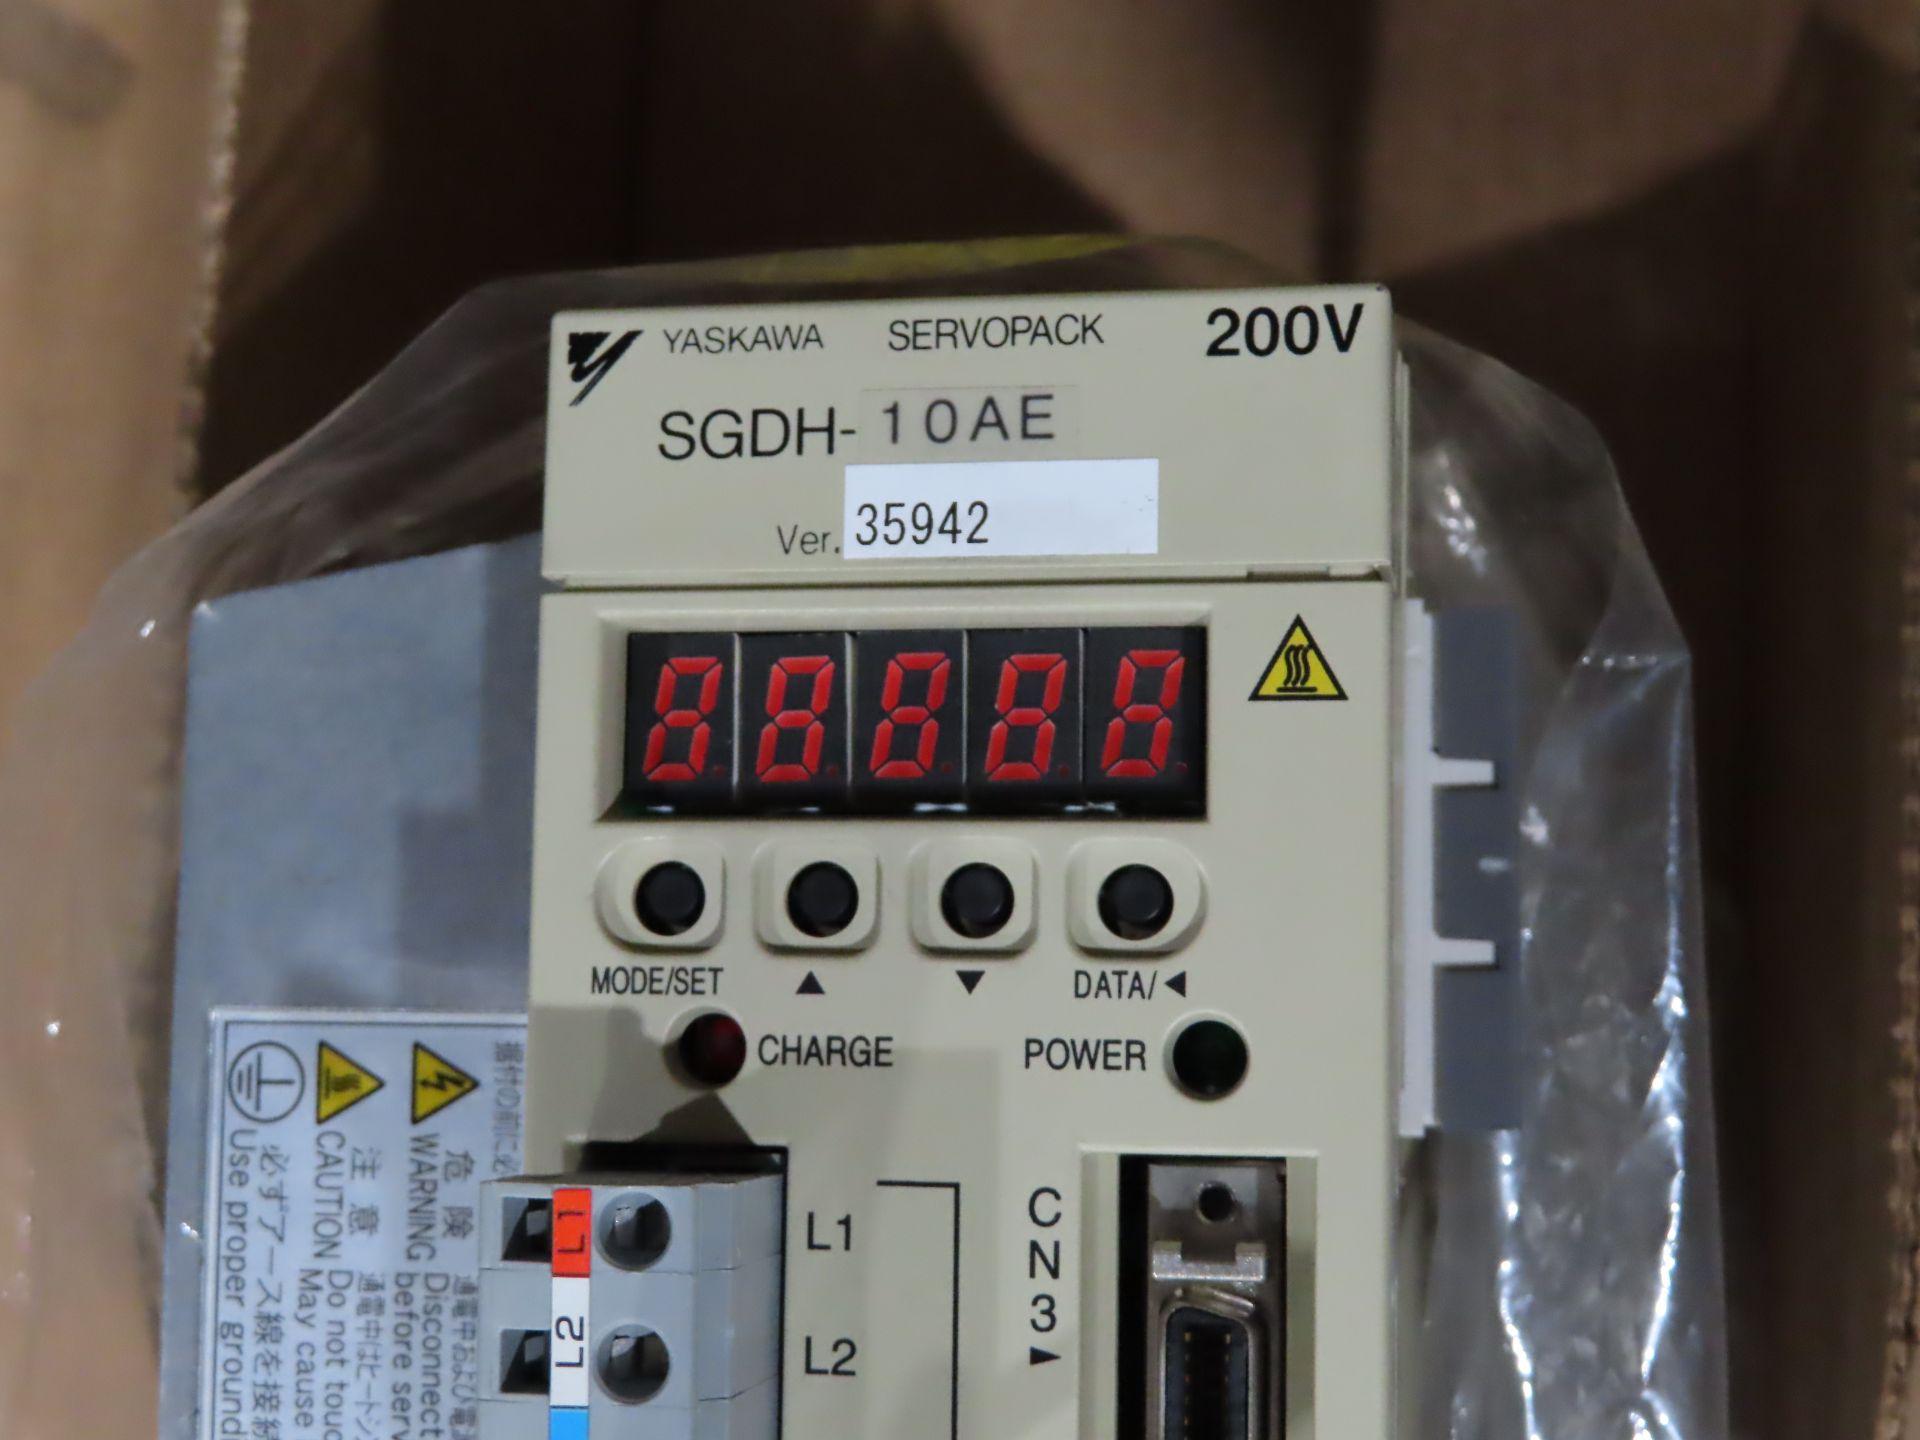 Lot 5 - Yaskawa servopack model SGDH-10AE, appears new in plastic, as always, with Brolyn LLC auctions,